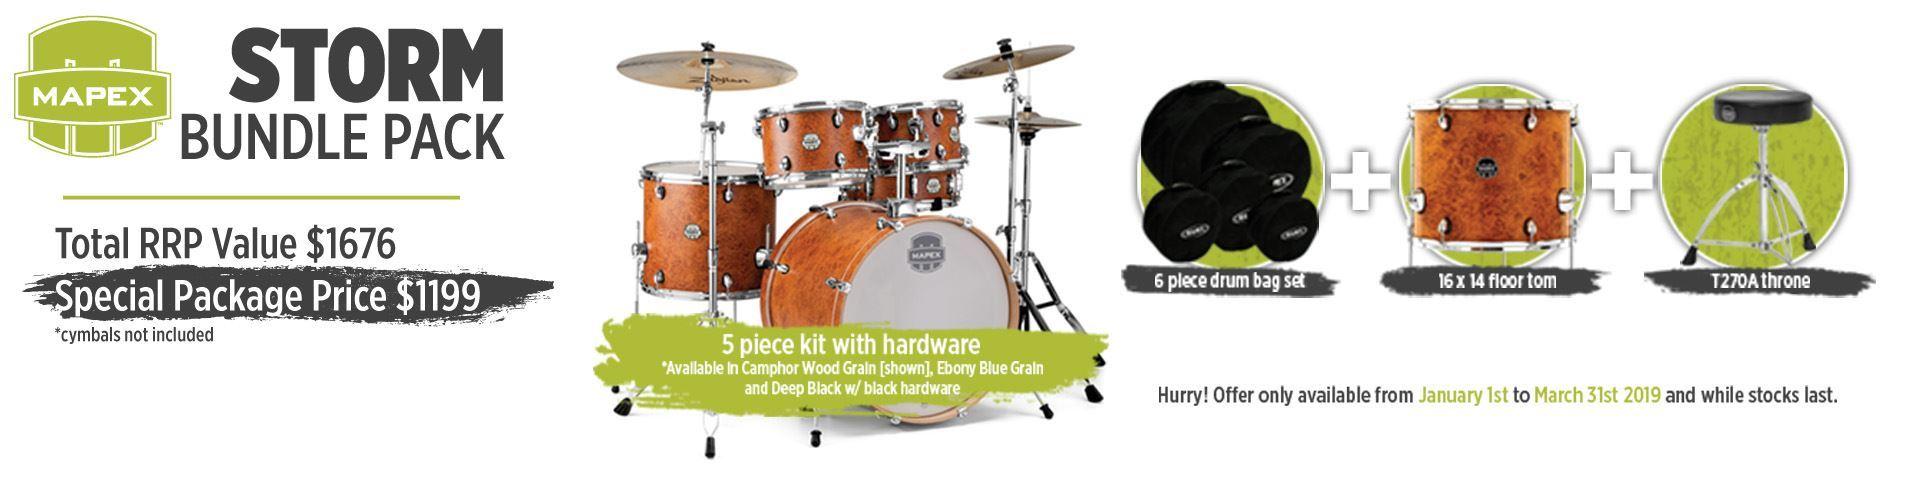 Mapex Storm Drum Kit Bundle